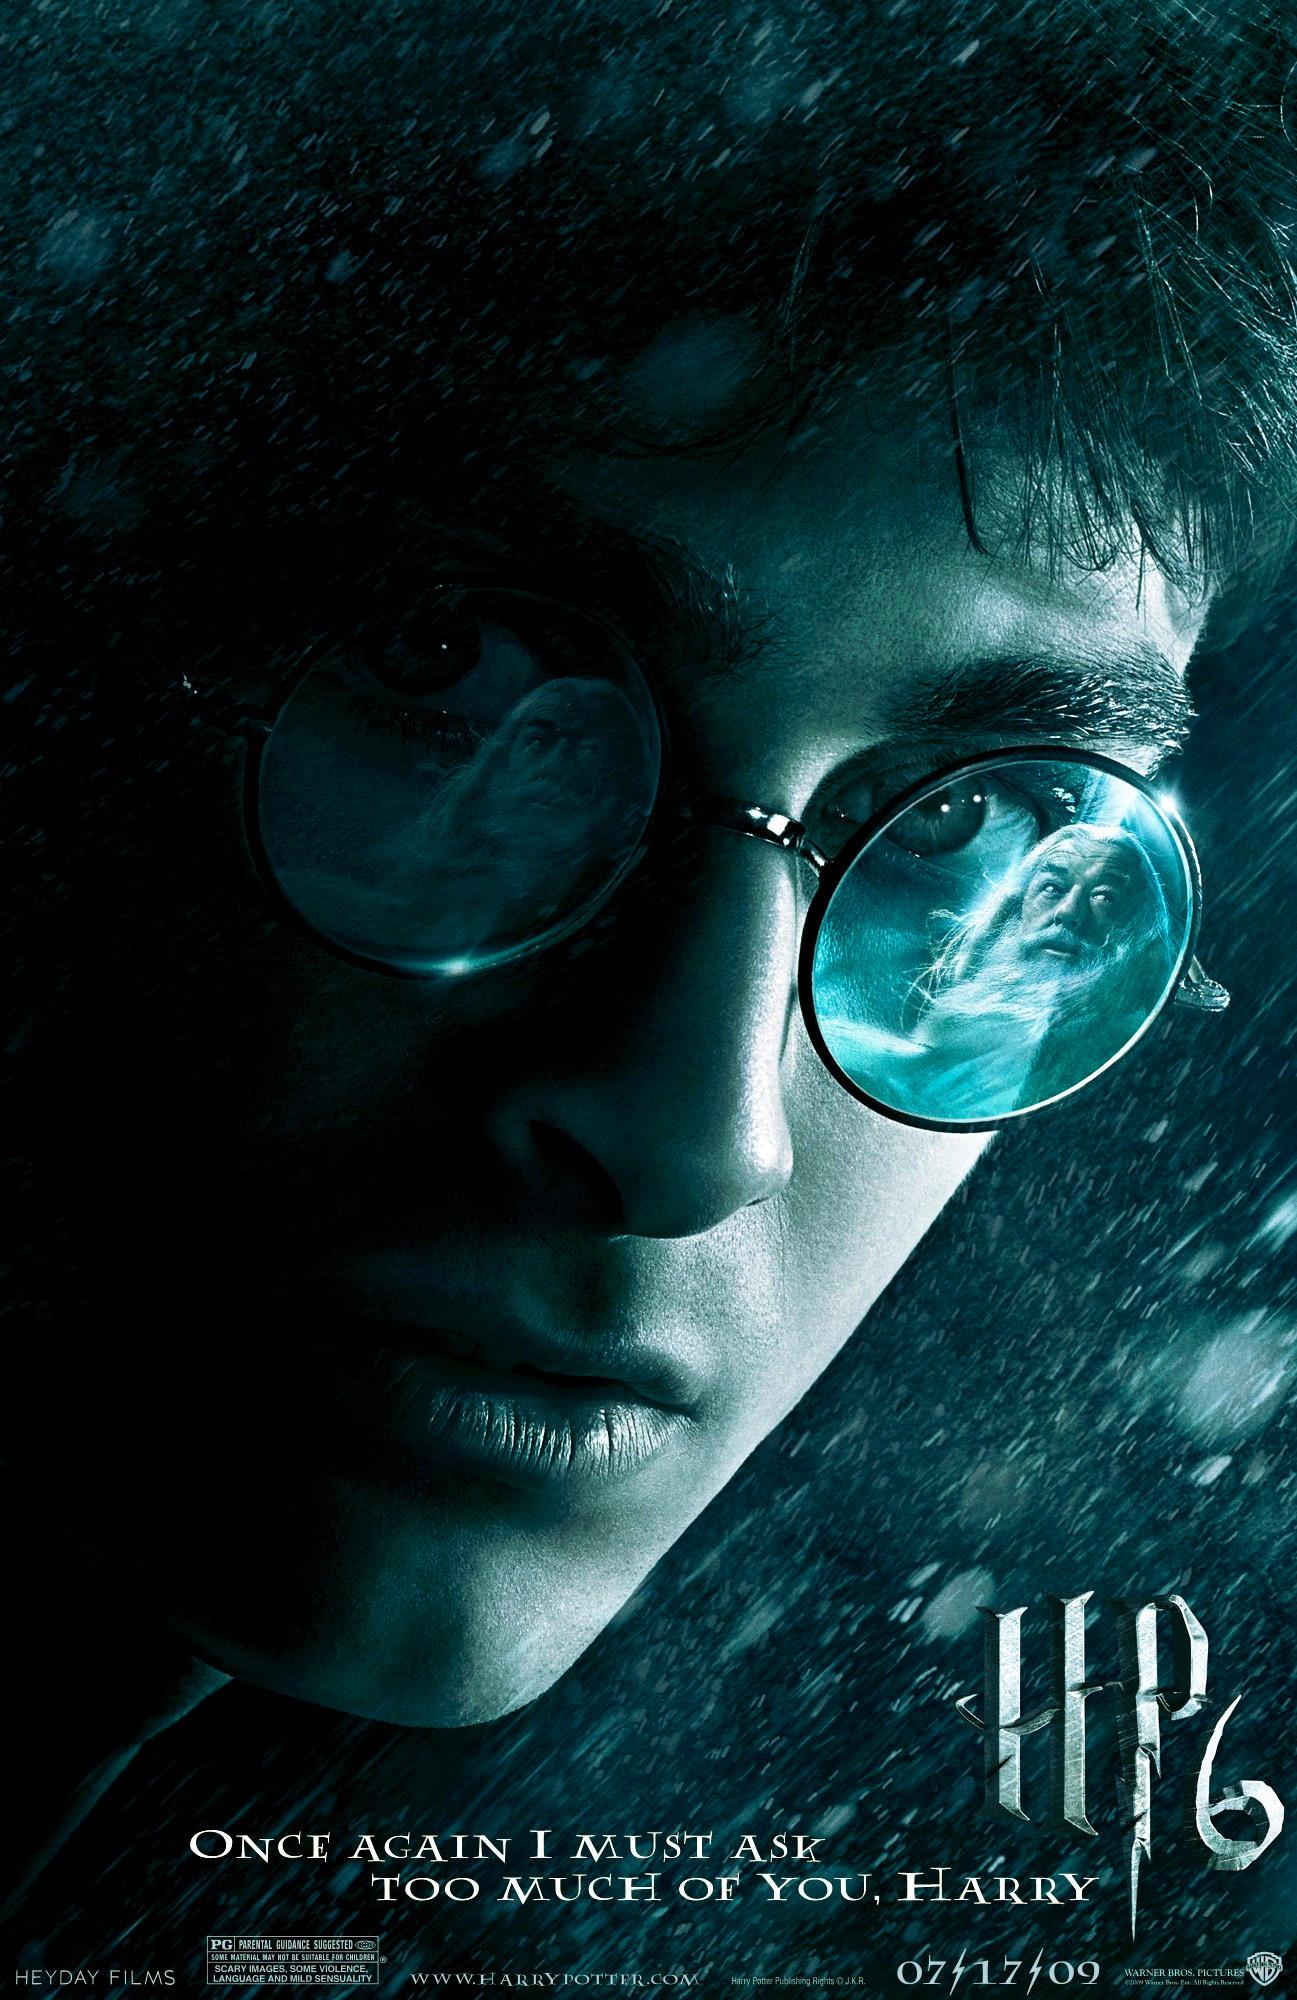 'Half-Blood Prince' teaser poster